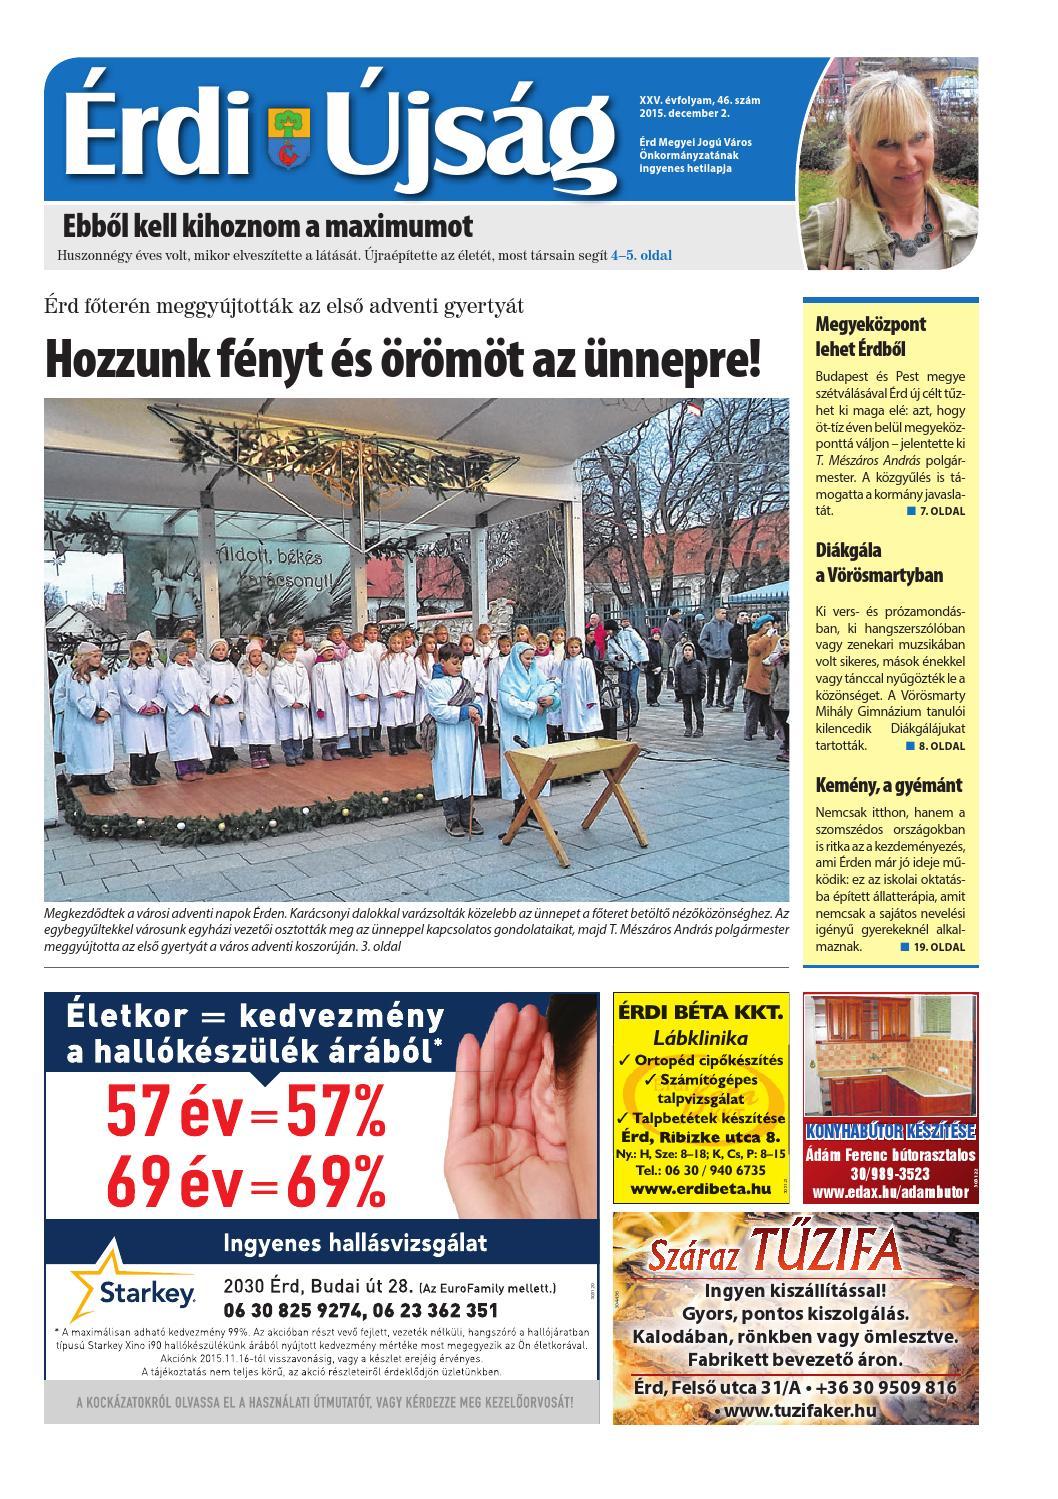 Érdi Újság - 2015. 12. 02. by Maraton Lapcsoport Kft. - issuu dd7b9d161e